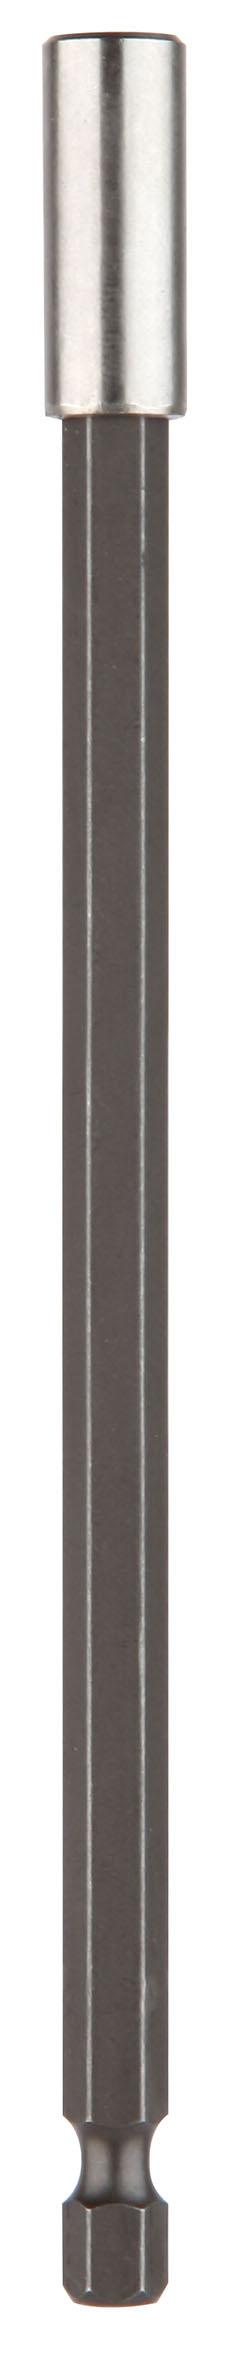 Vissage PORTE EMBOUT Porte-embouts standard grande longueur - U629.jpg